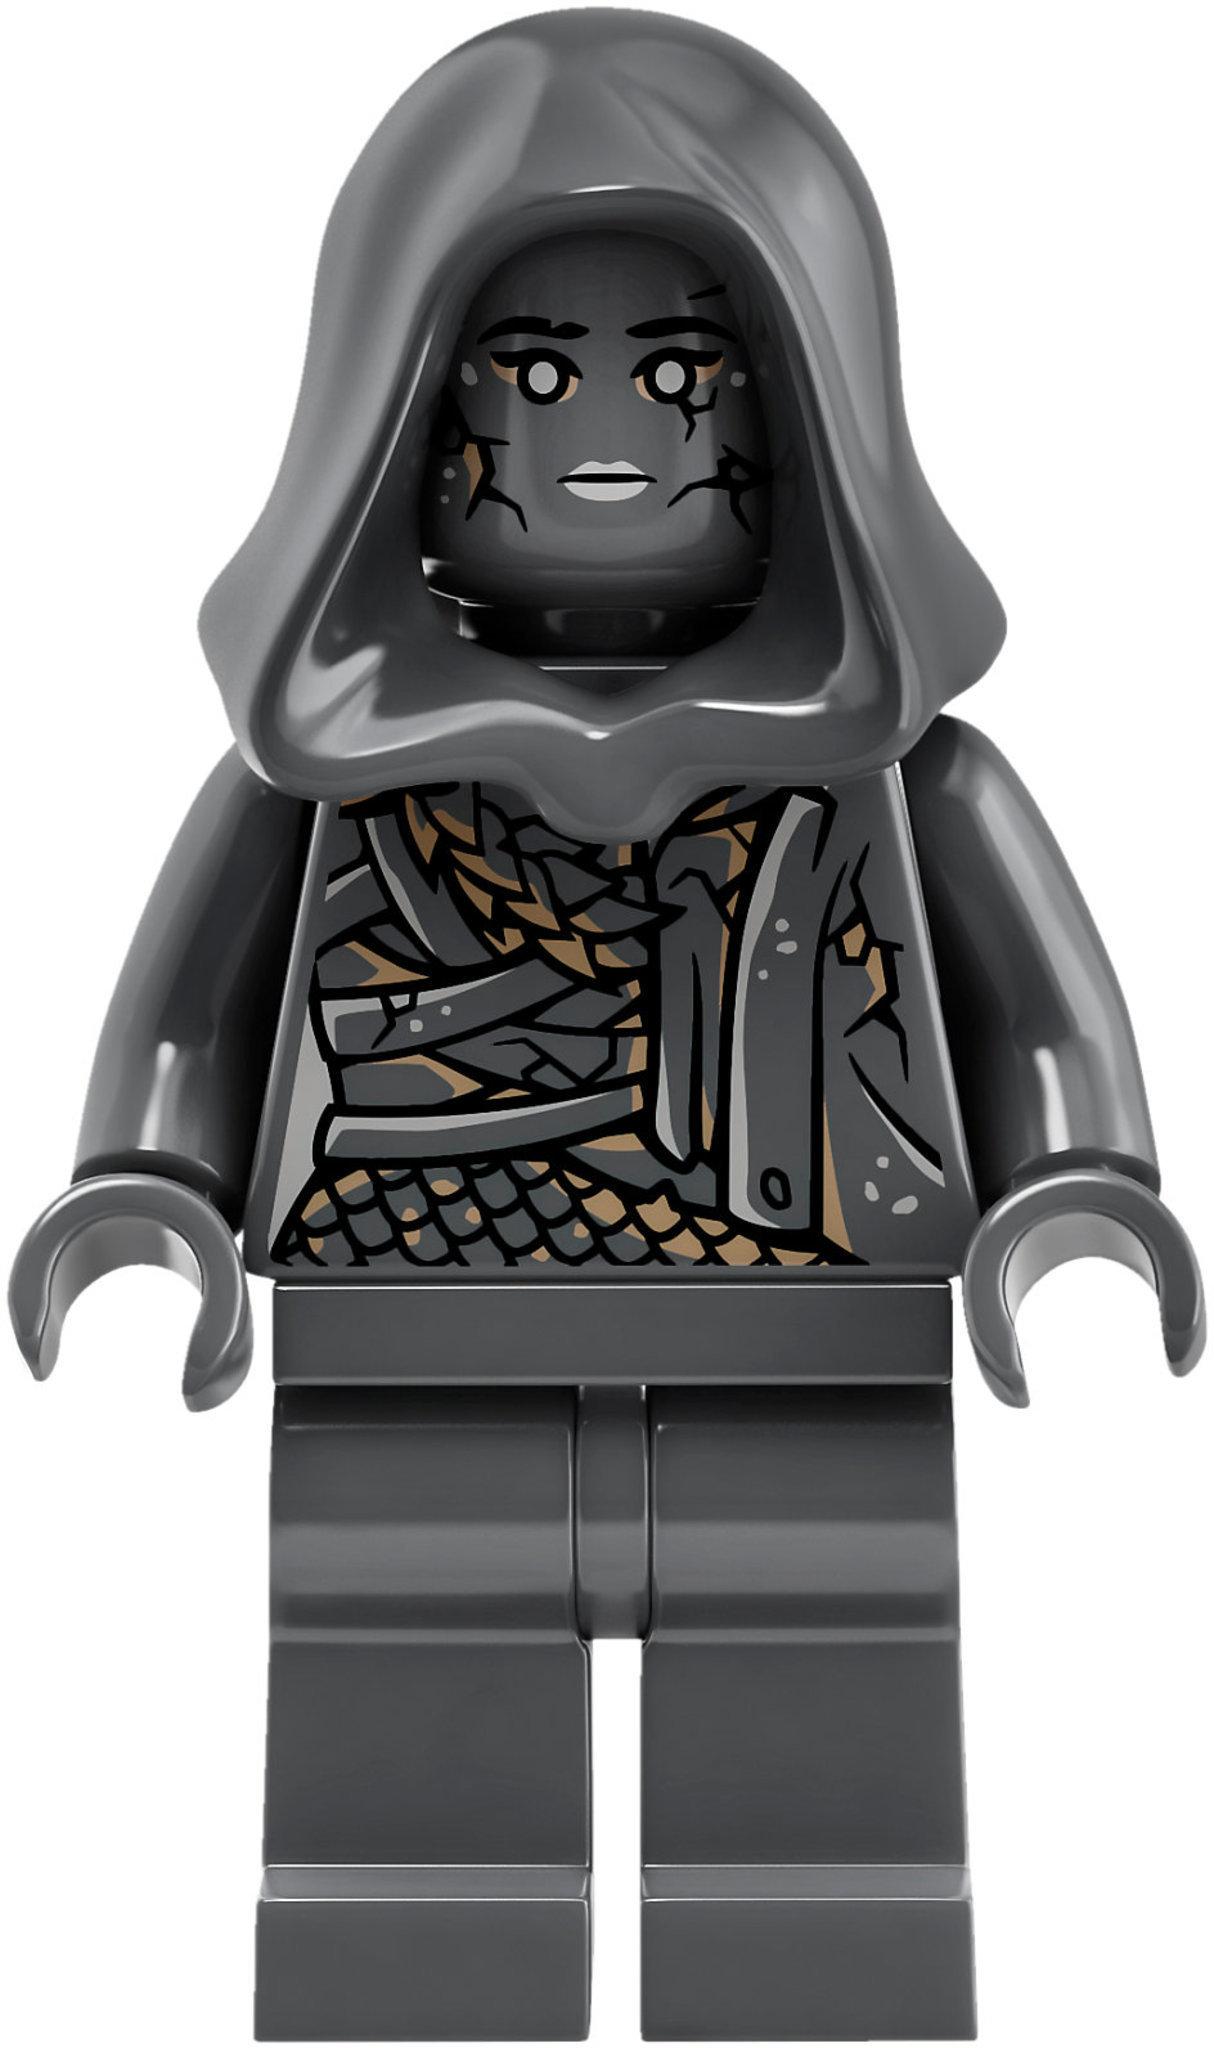 2 Degen vaginale scuro-marrone con Degen GRIGIO SCURO Merce Nuova LEGO PIRATI